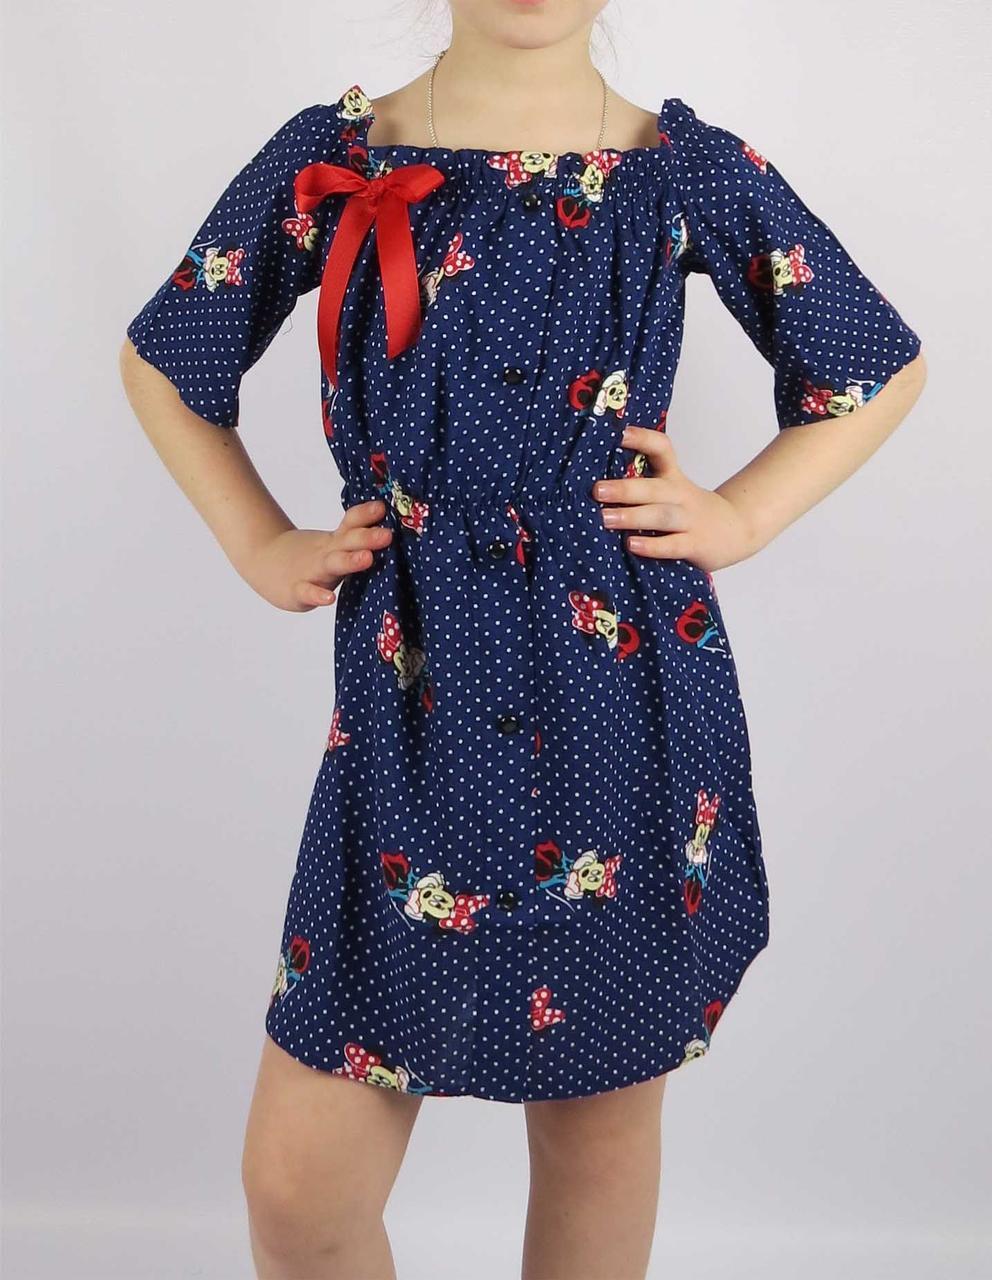 Платье бант код 610 размеры от 122 см до 140 см (от 6 до 10 лет), фото 1